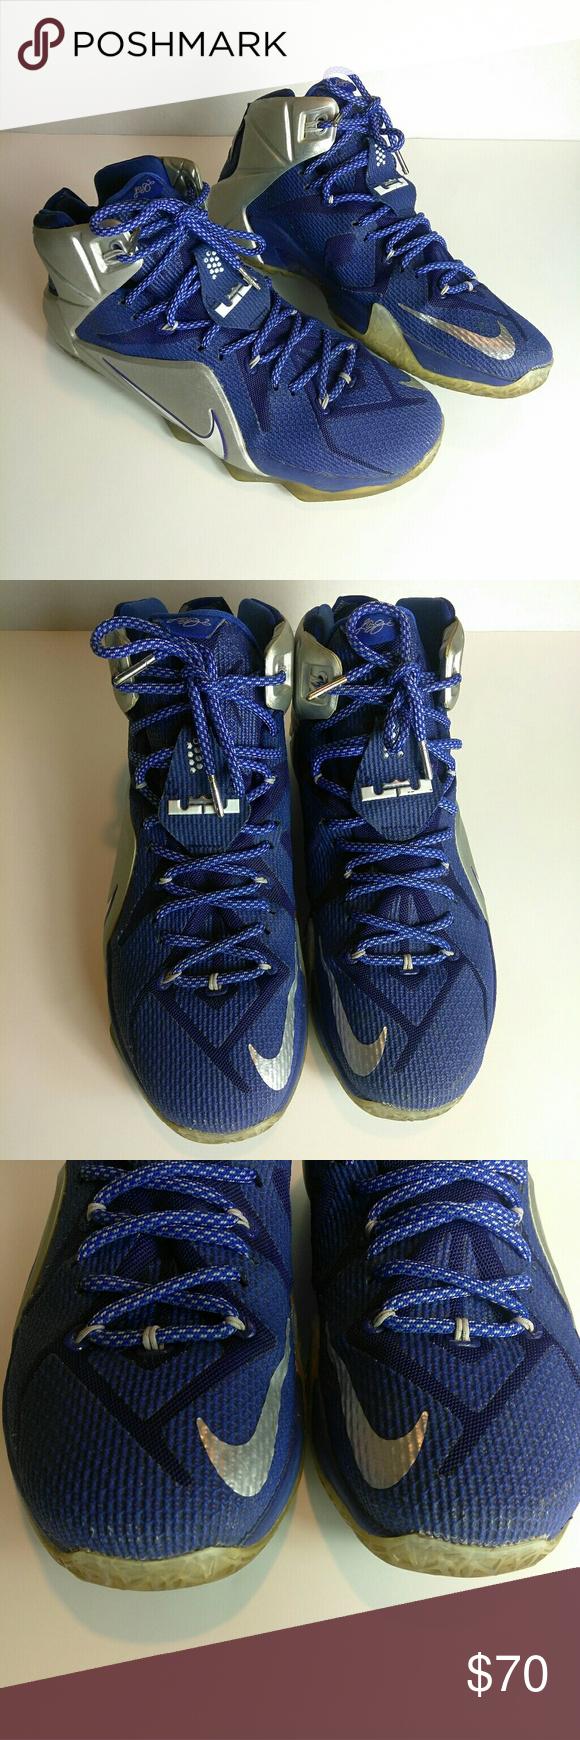 11ac3befb3b7 Nike Lebron 12 Dallas Cowboys Basketball Men 10.5 Nike Lebron 12 Dallas  Cowboys Basketball Men Size